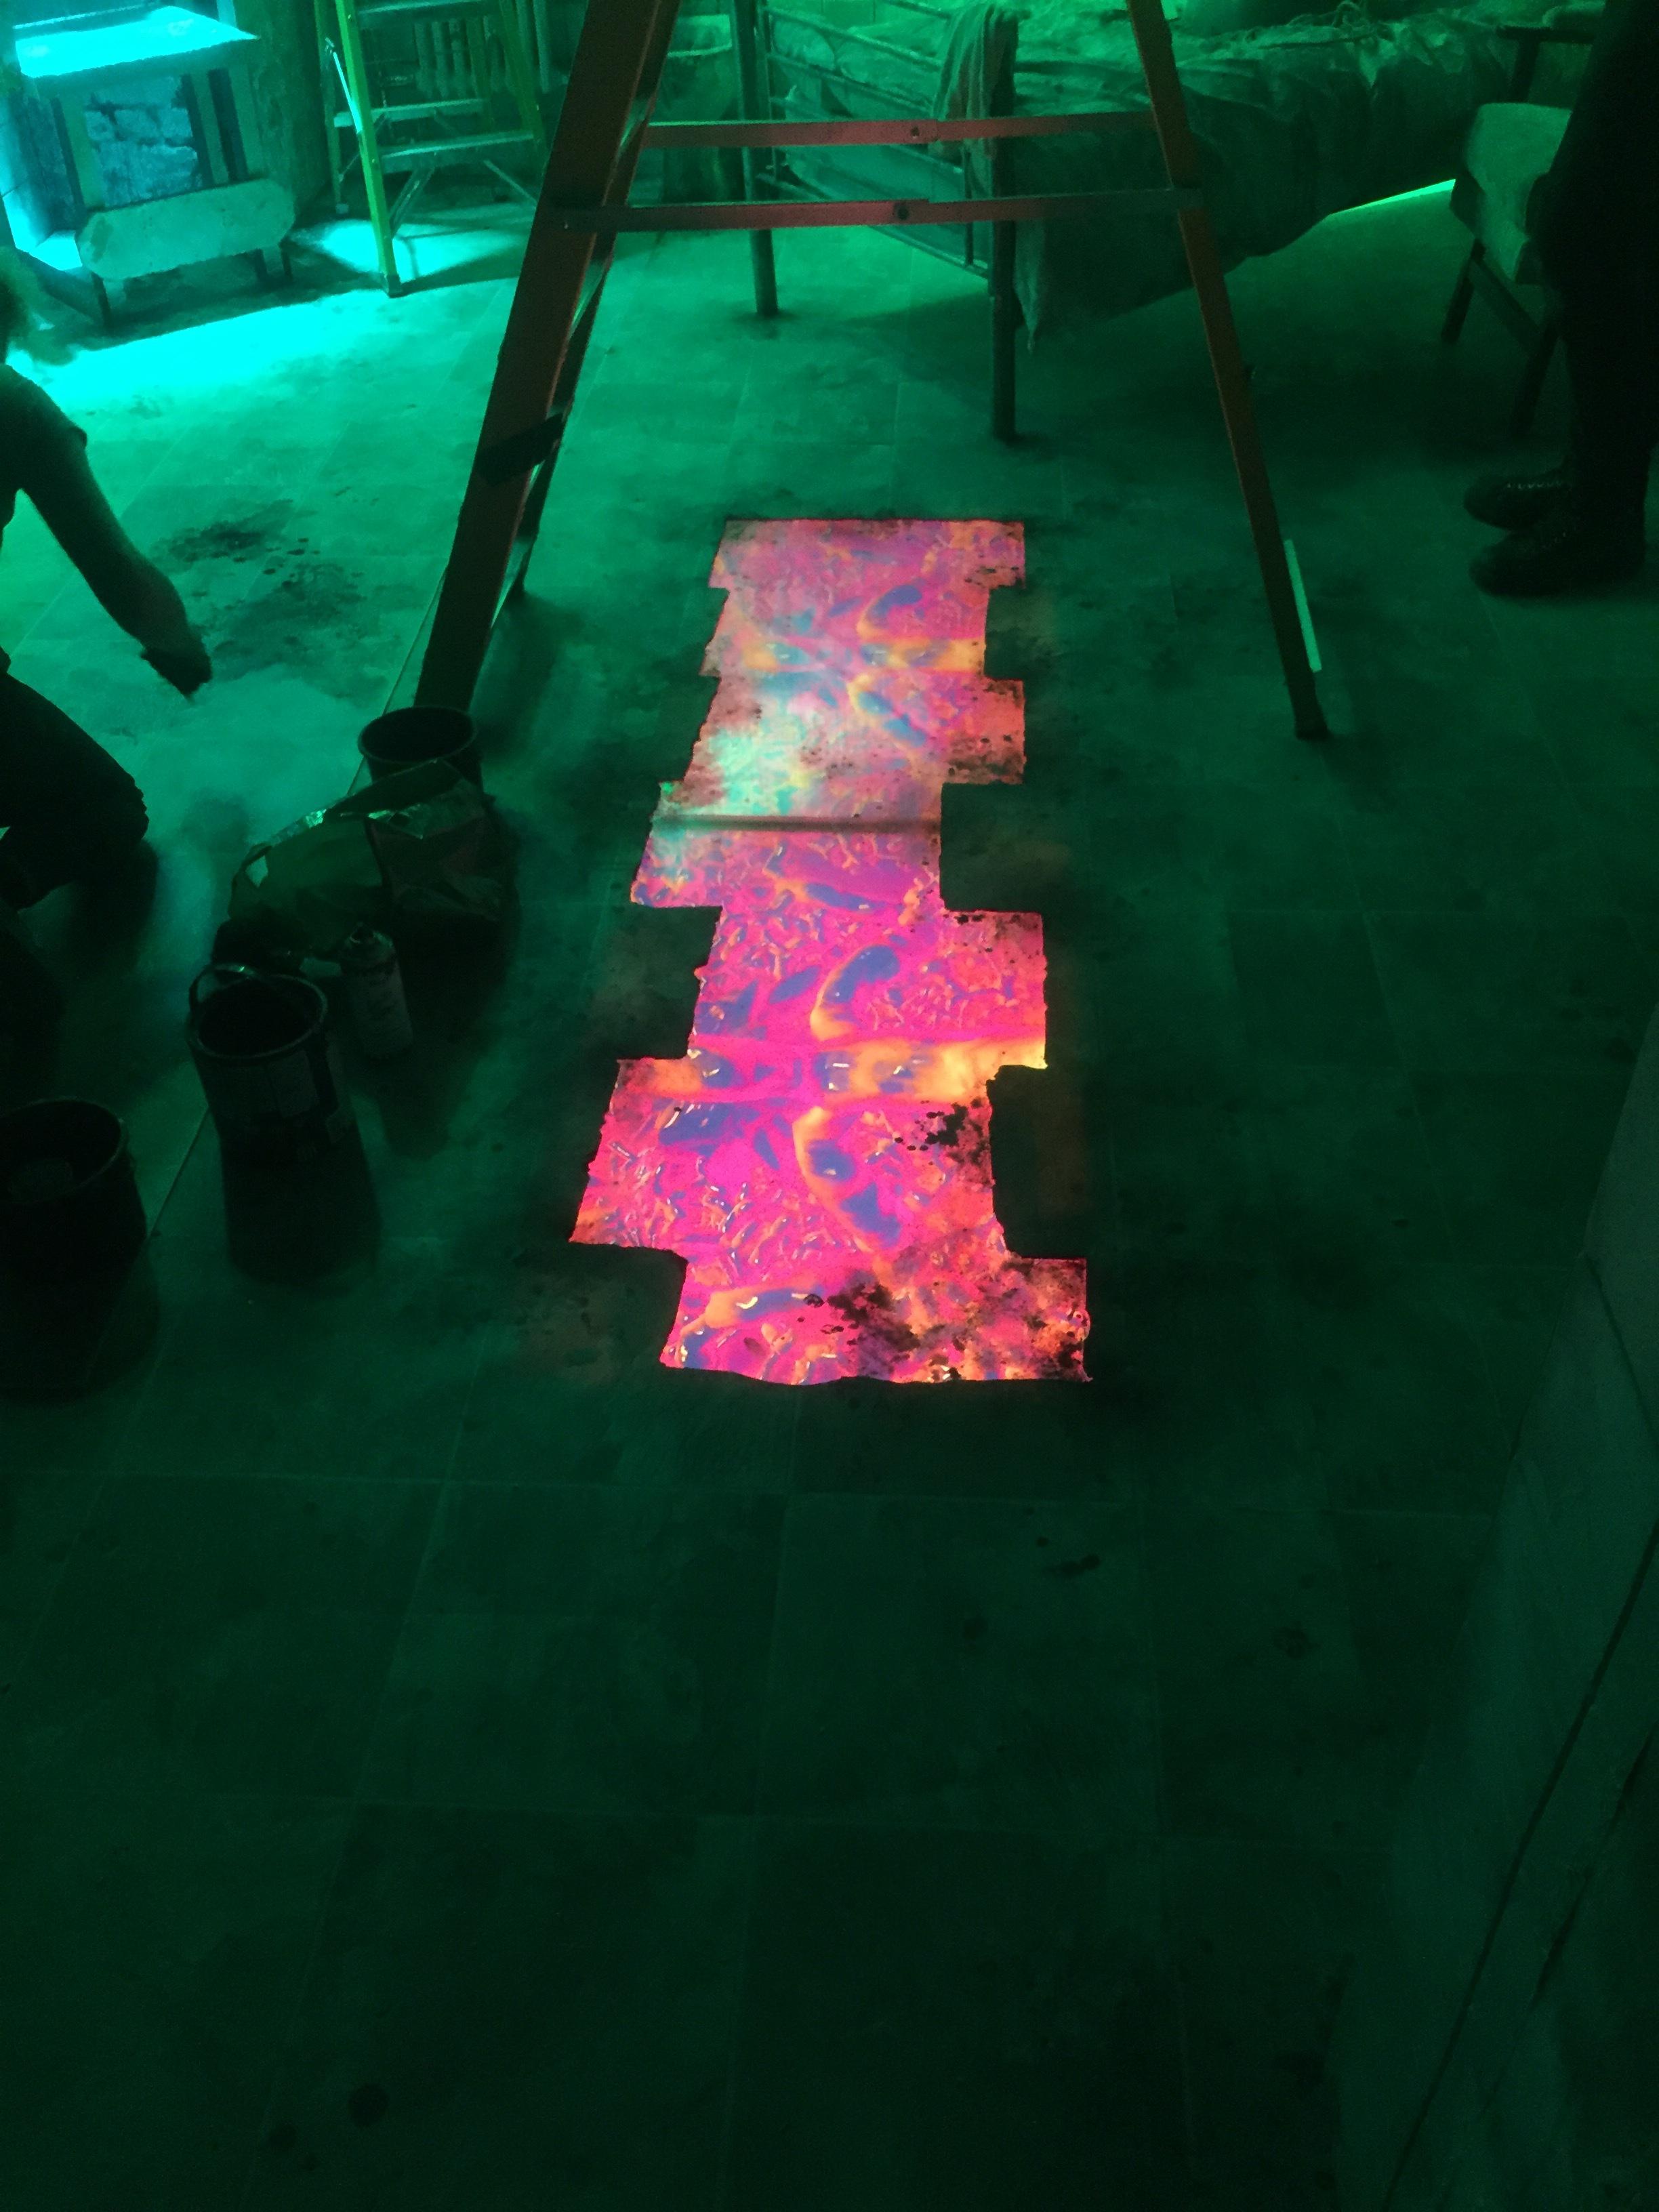 Lava floor in green lit room.